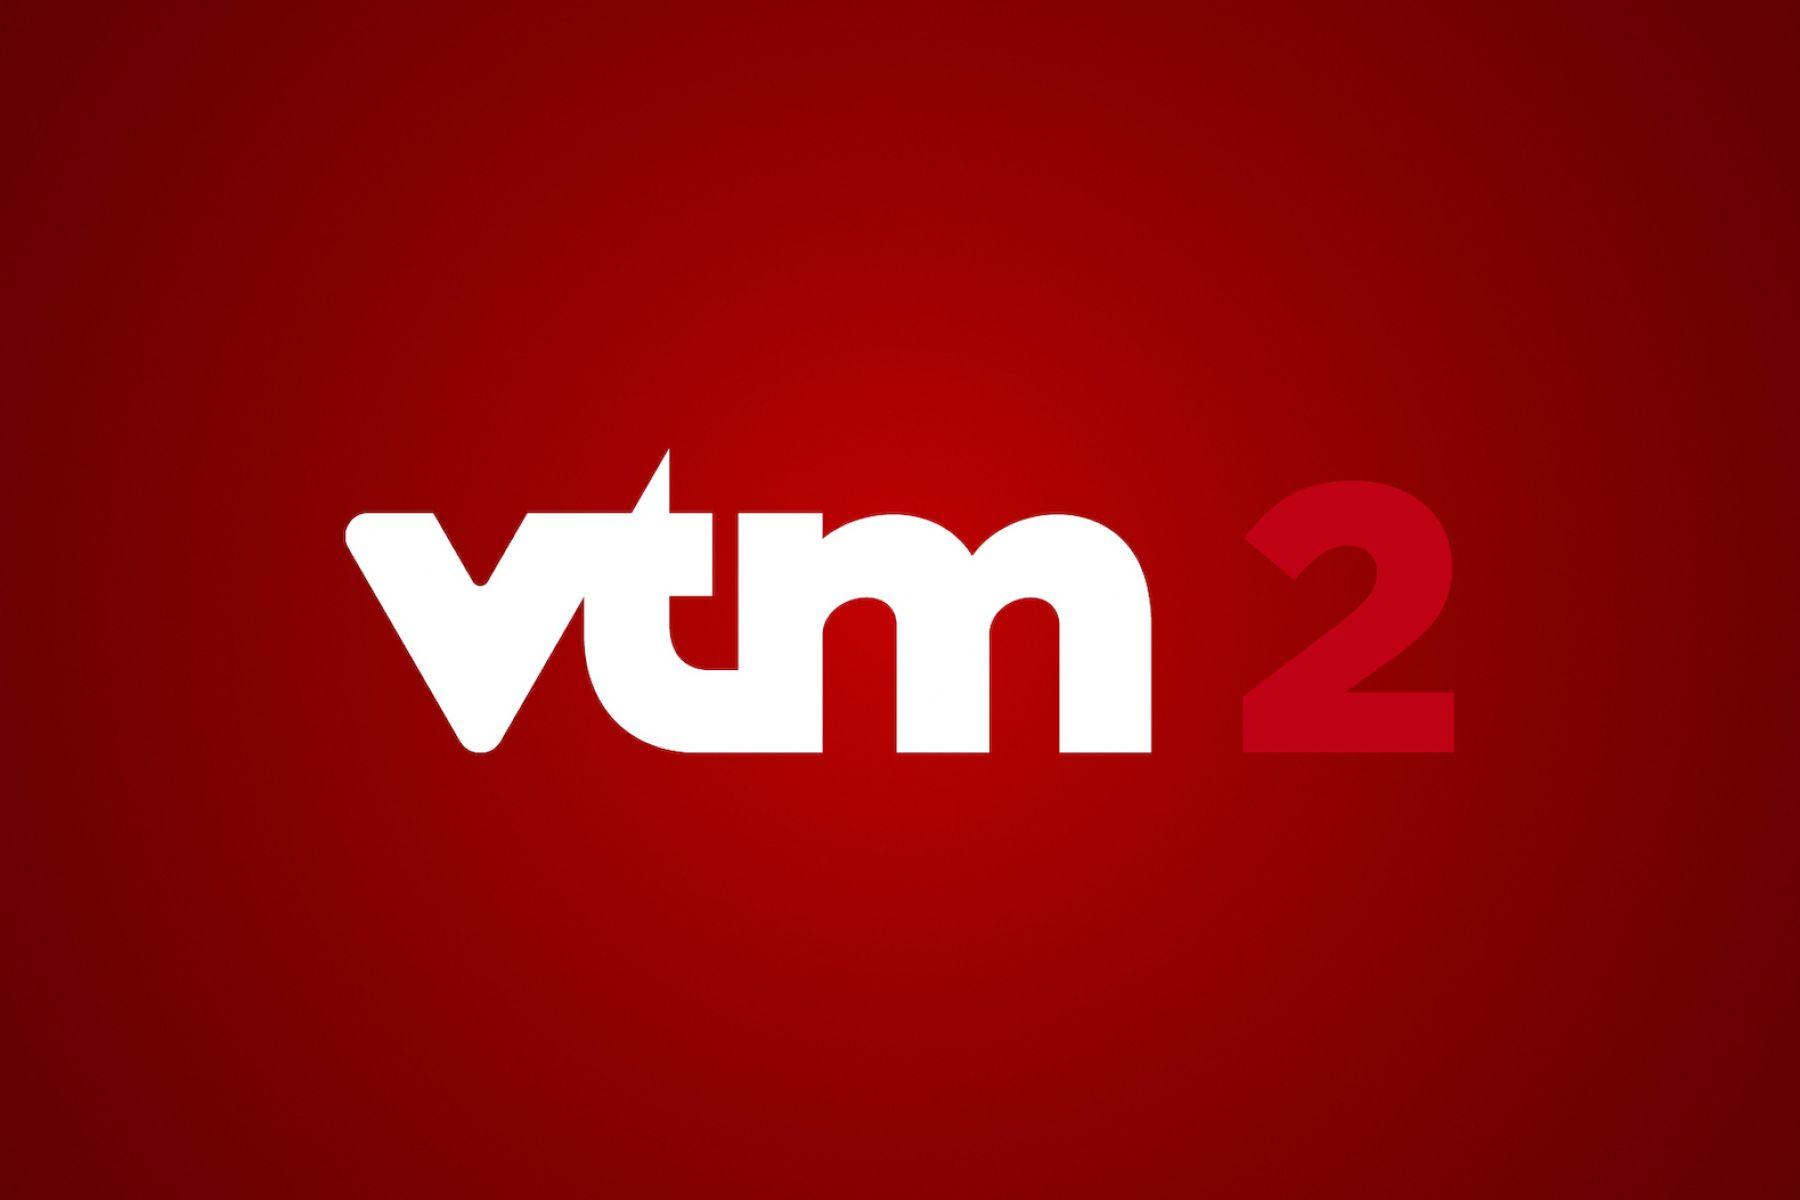 Deelnemer uit VTM-reeks Boer zkt Vrouw is verongelukt